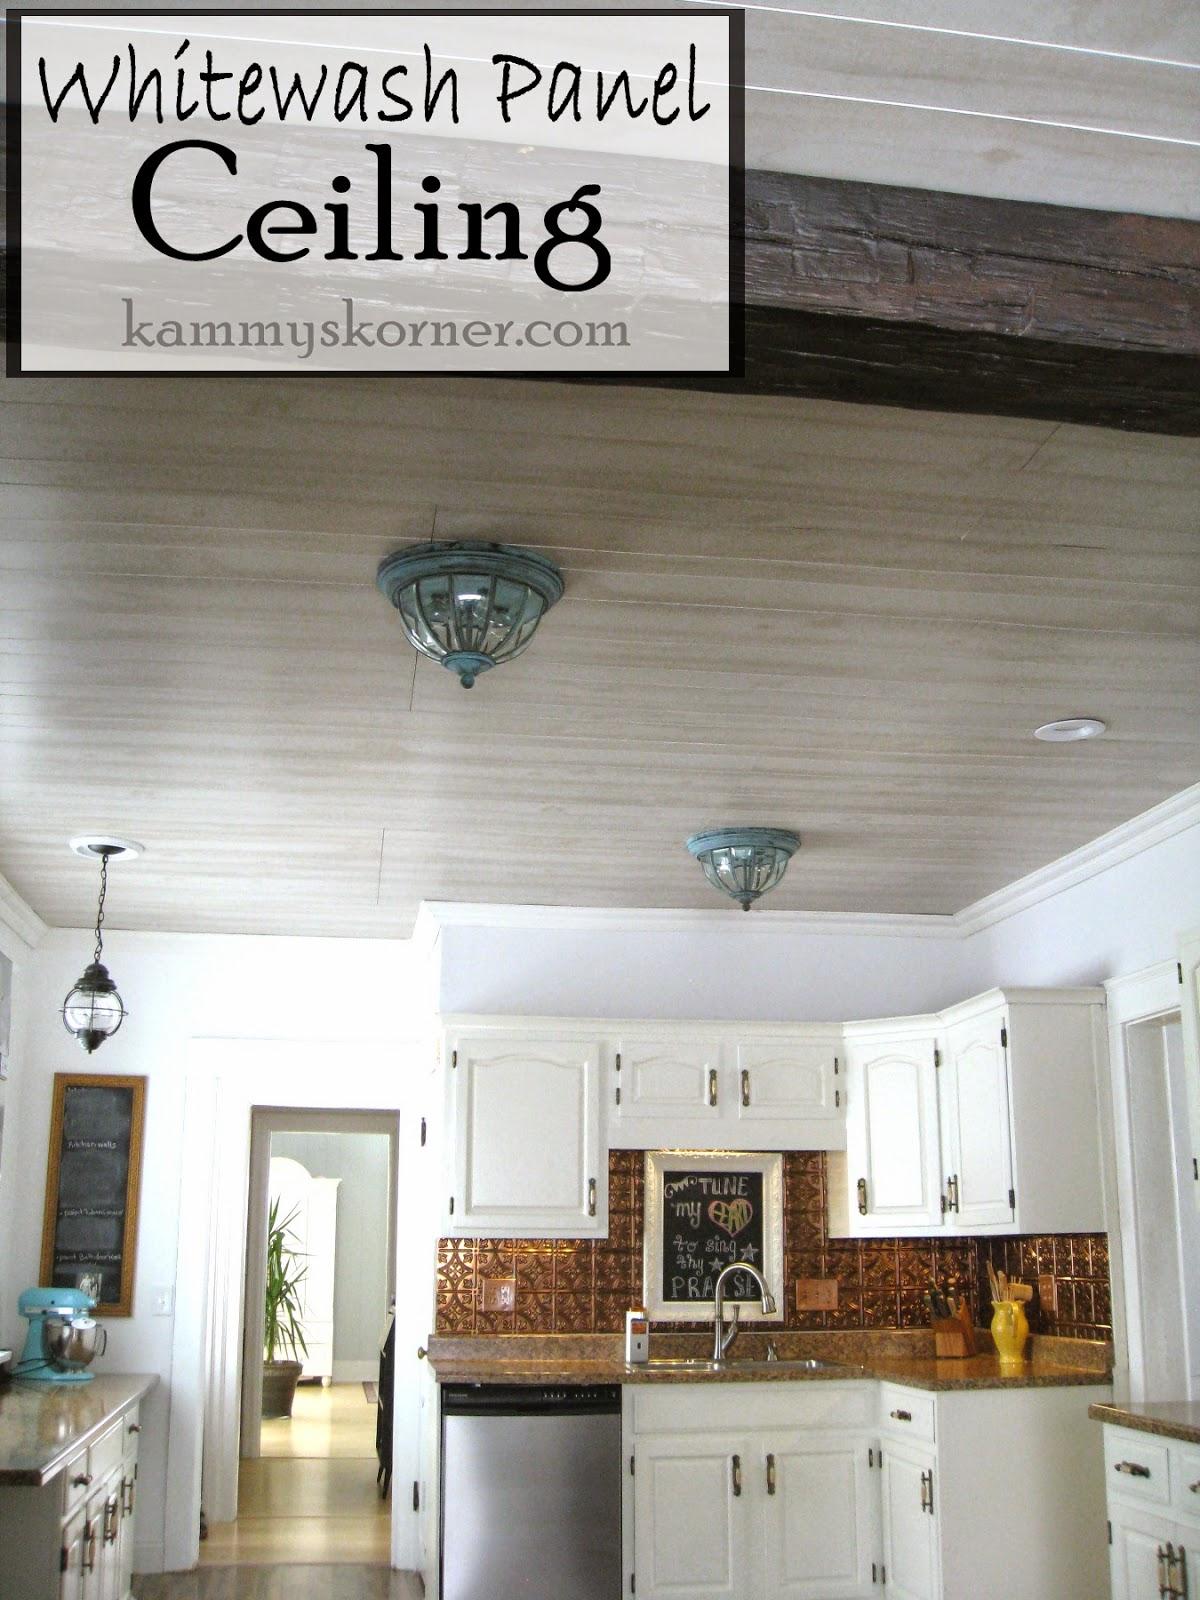 Whitewash Paneled Kitchen Ceiling